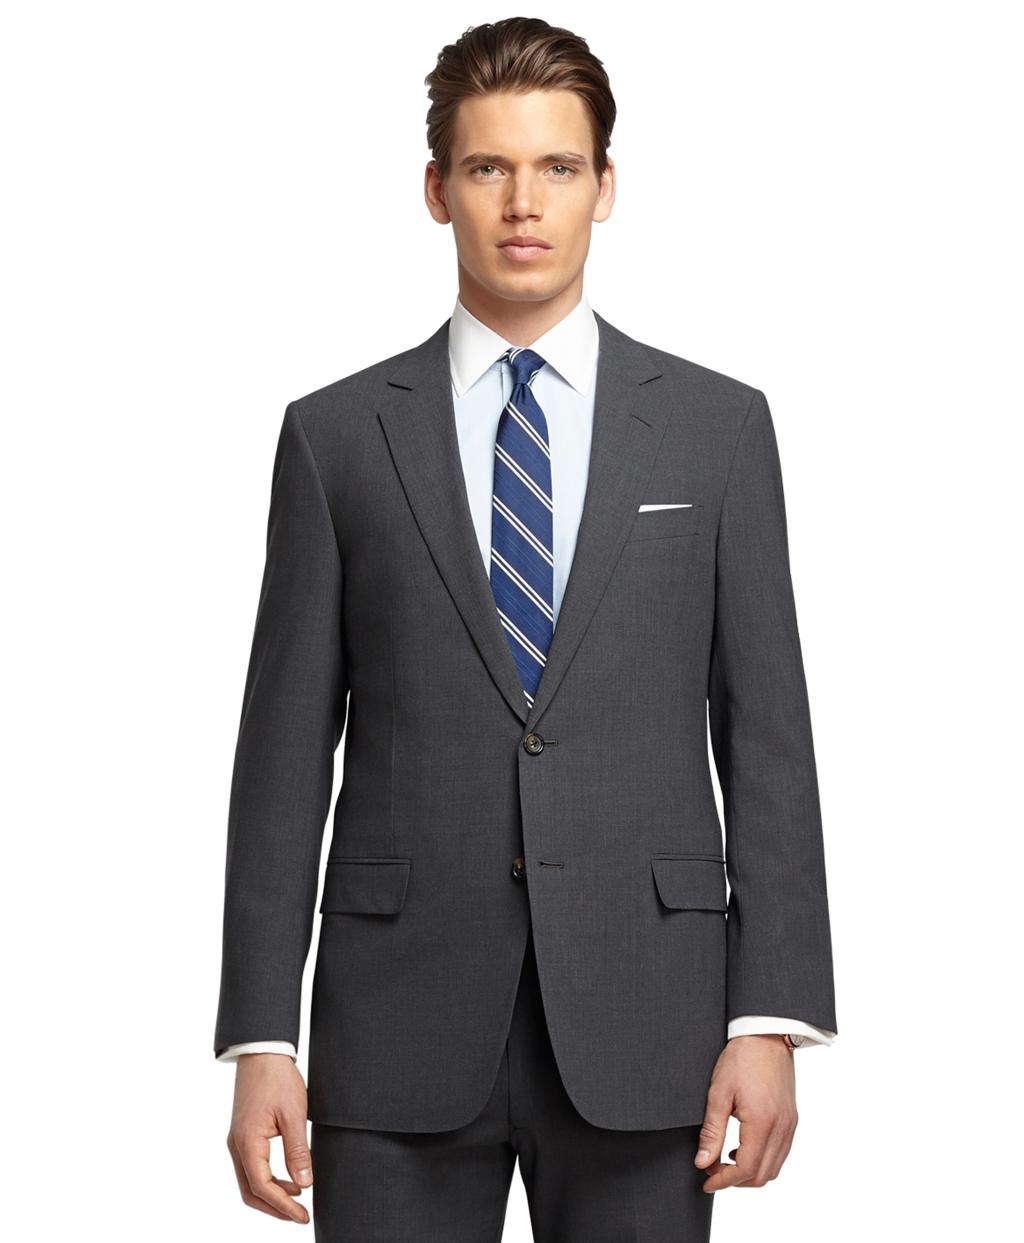 Pendleton Shirts For Men